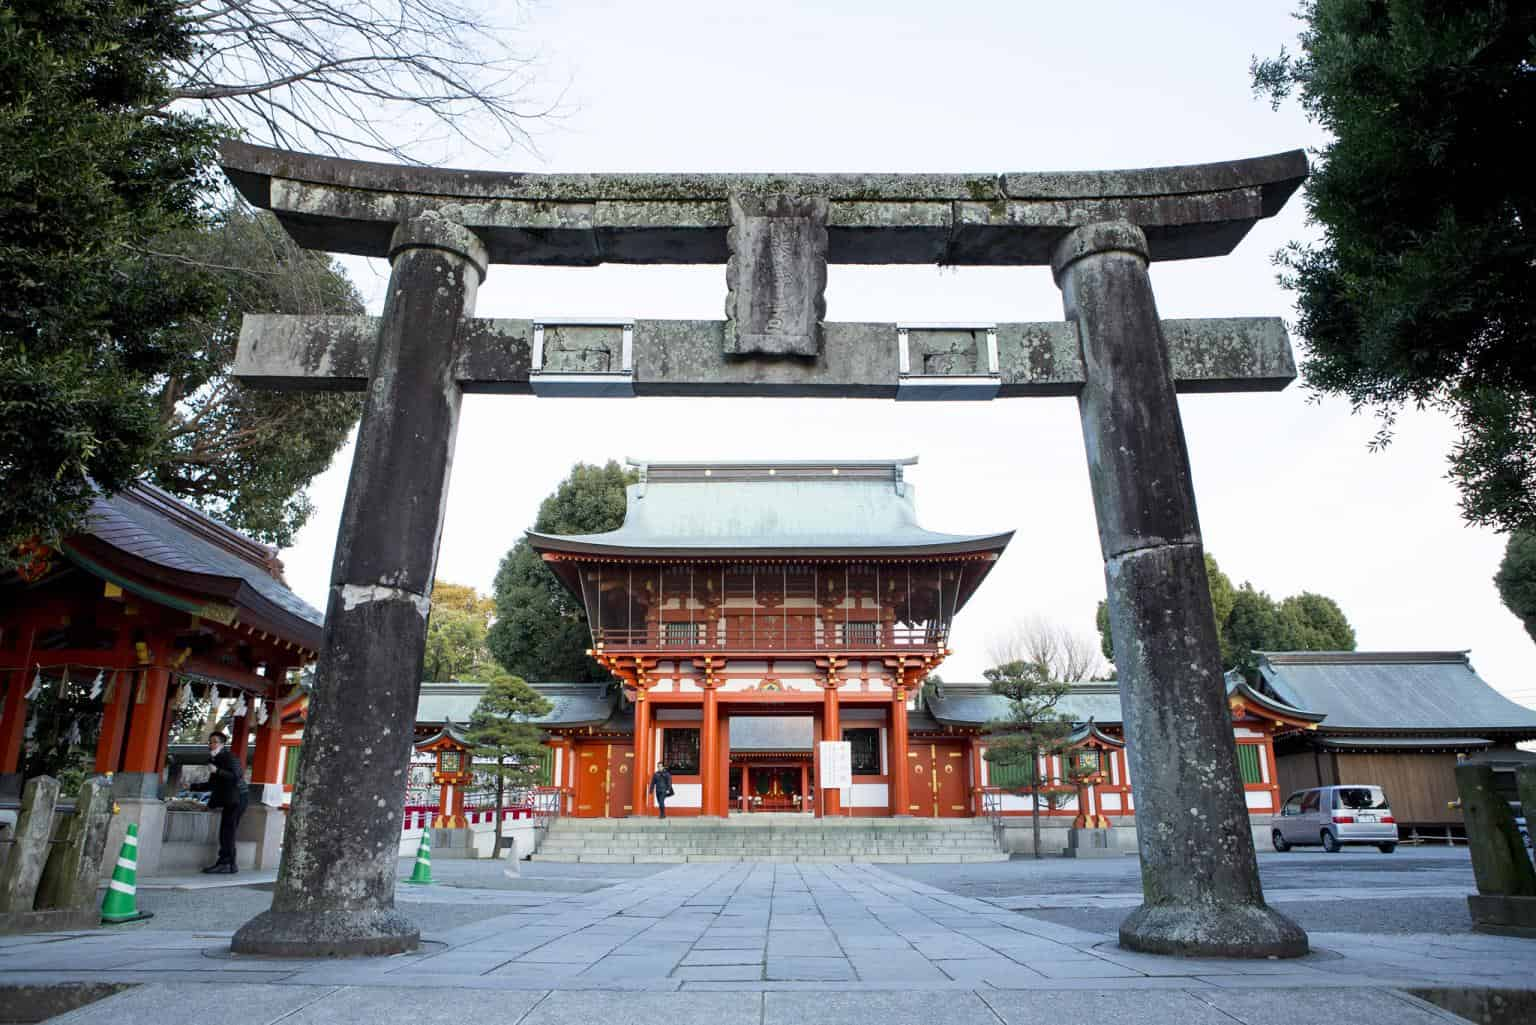 ศาลเจ้าชินโตที่สำคัญอยู่คู่บ้านคู่เมือง Kumamoto มายาวนานกว่า 1,080 ปี!